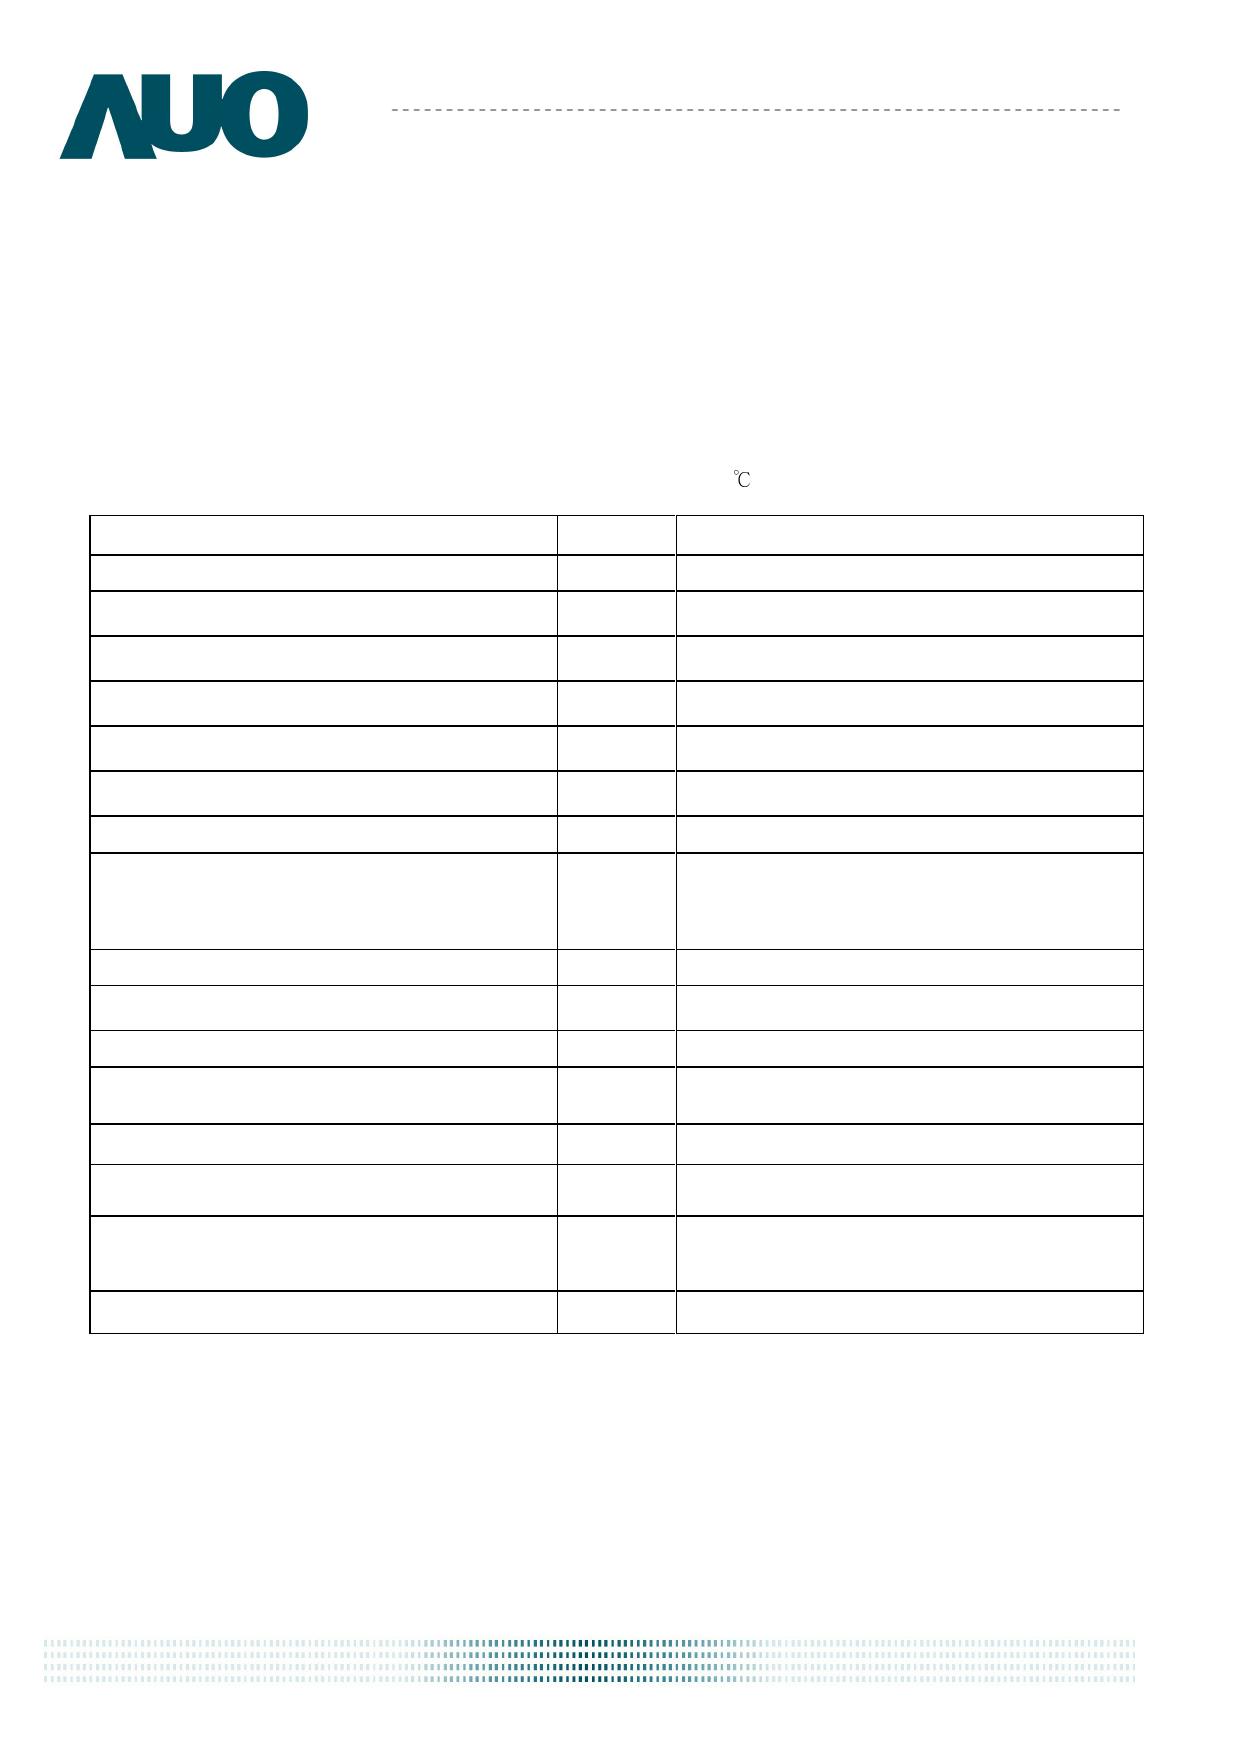 G065VN01_V1 pdf